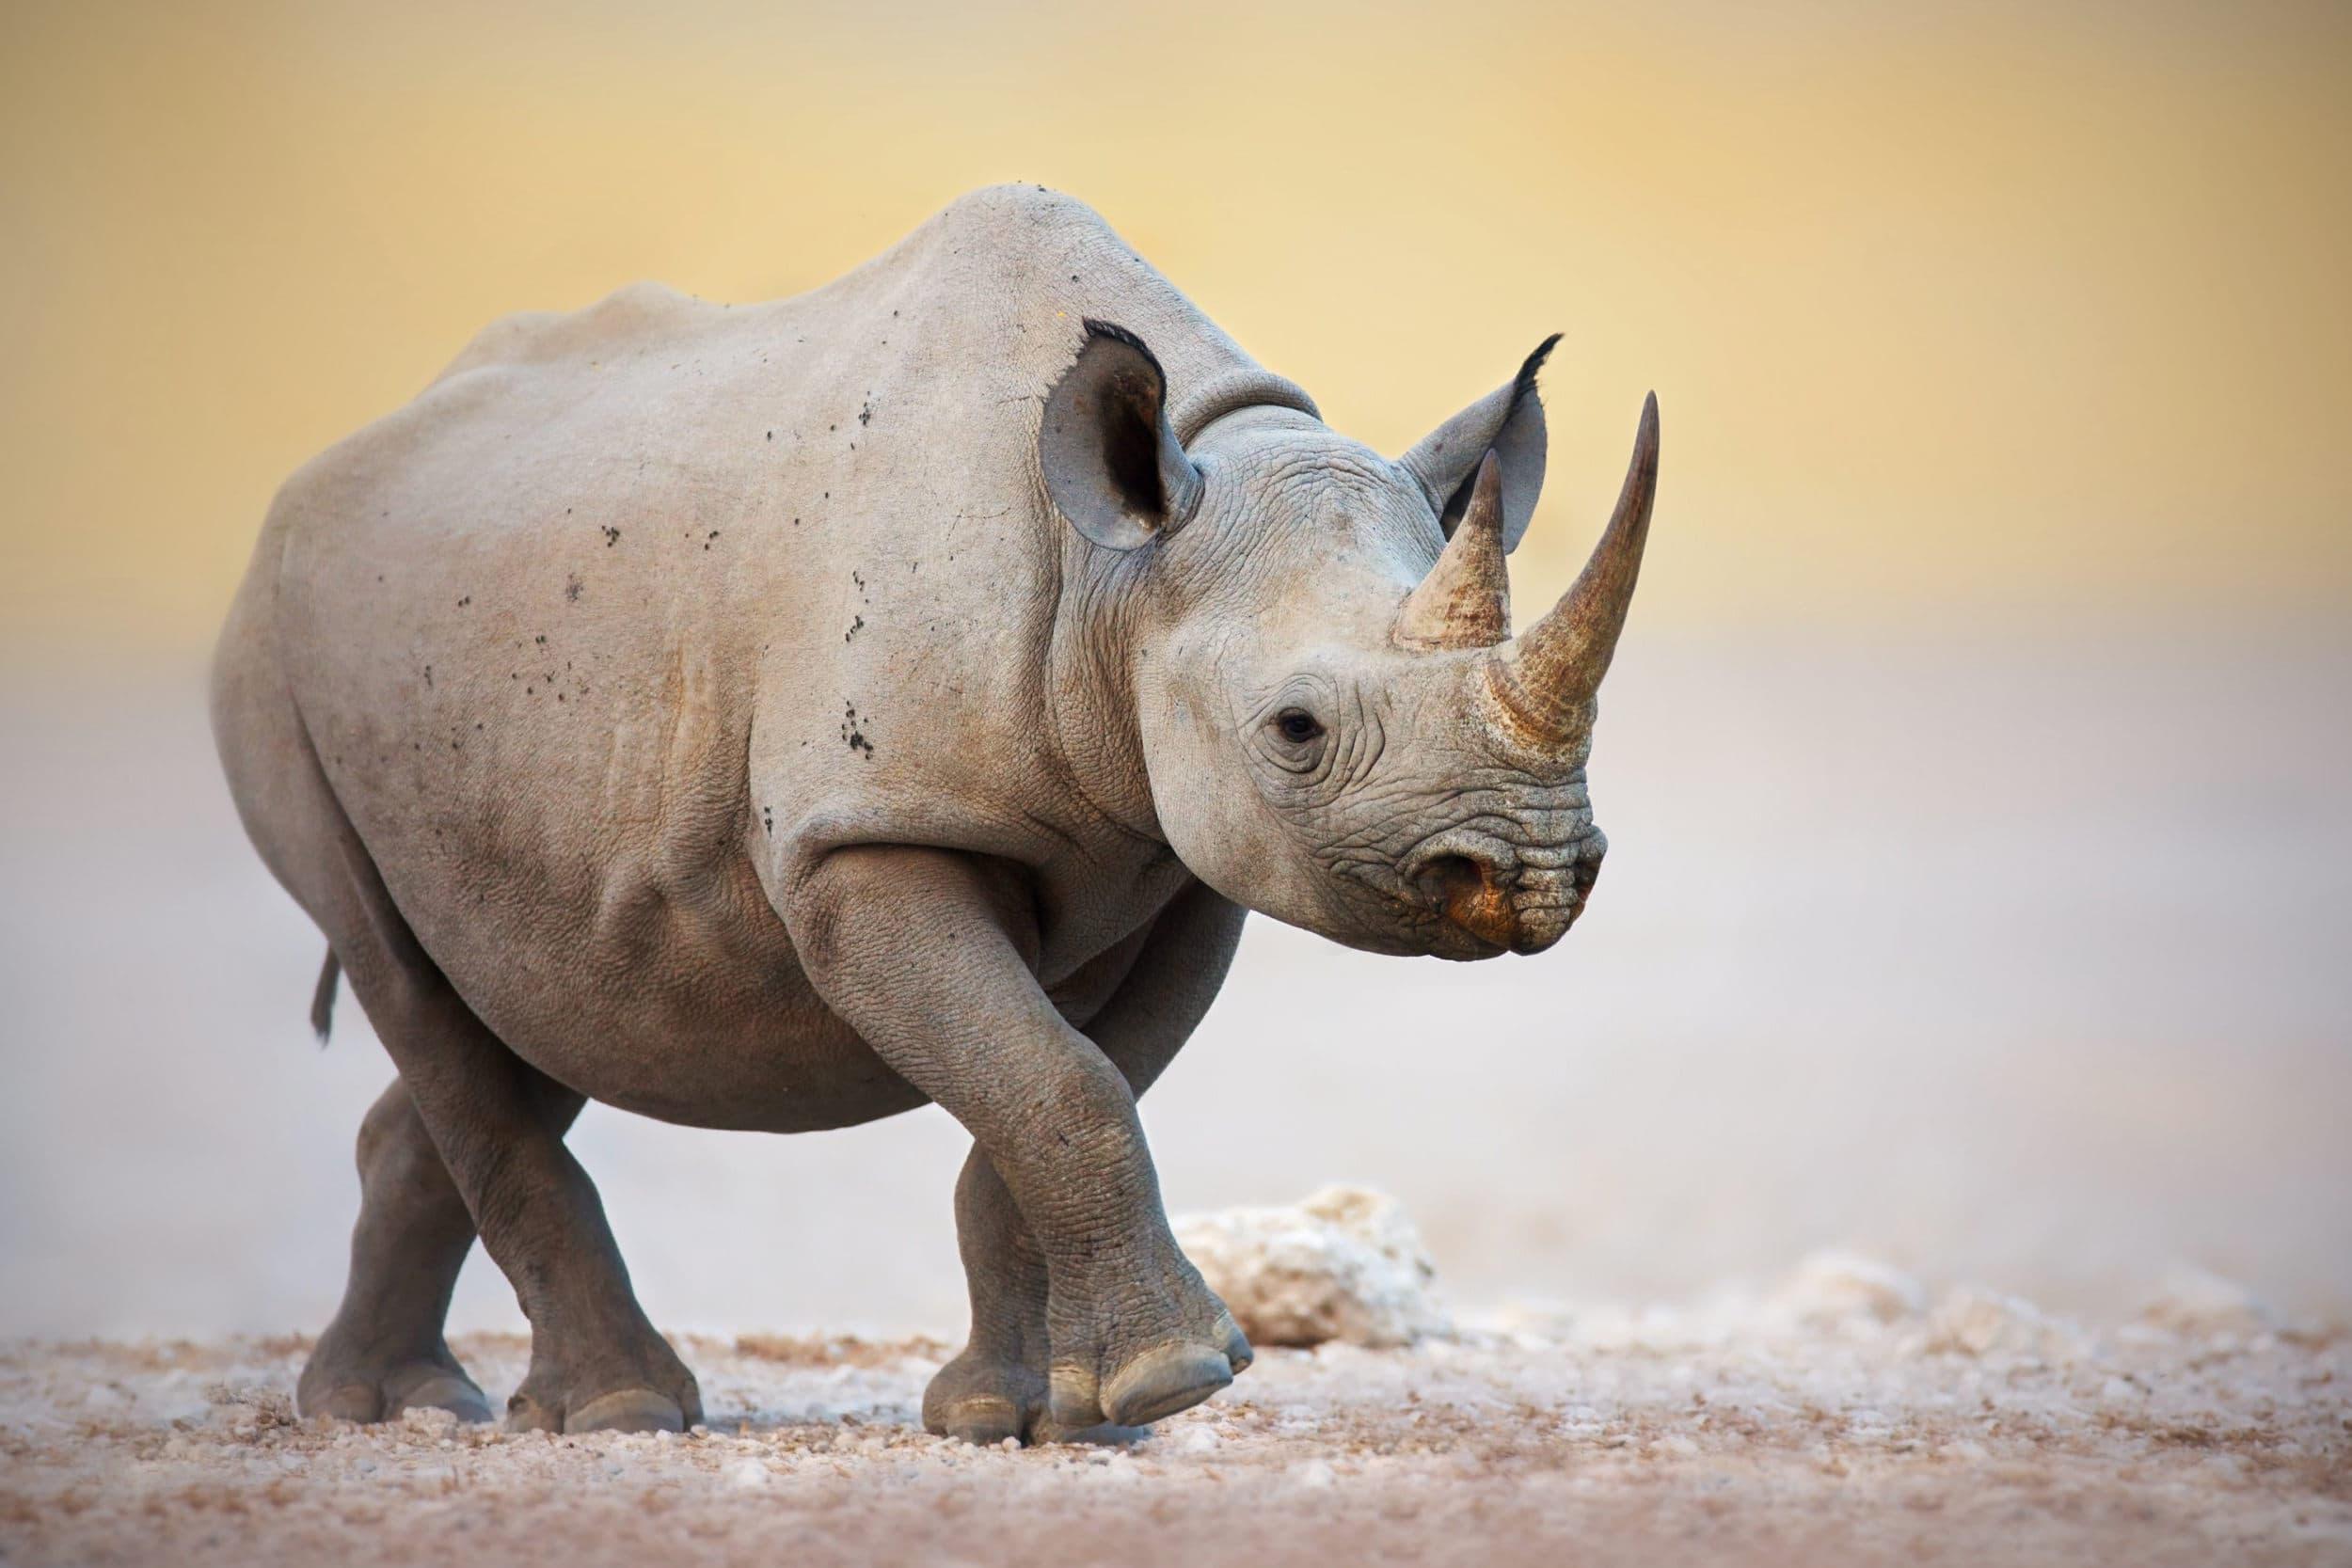 Почему некоторые виду животных эволюционируют, а другие нет?